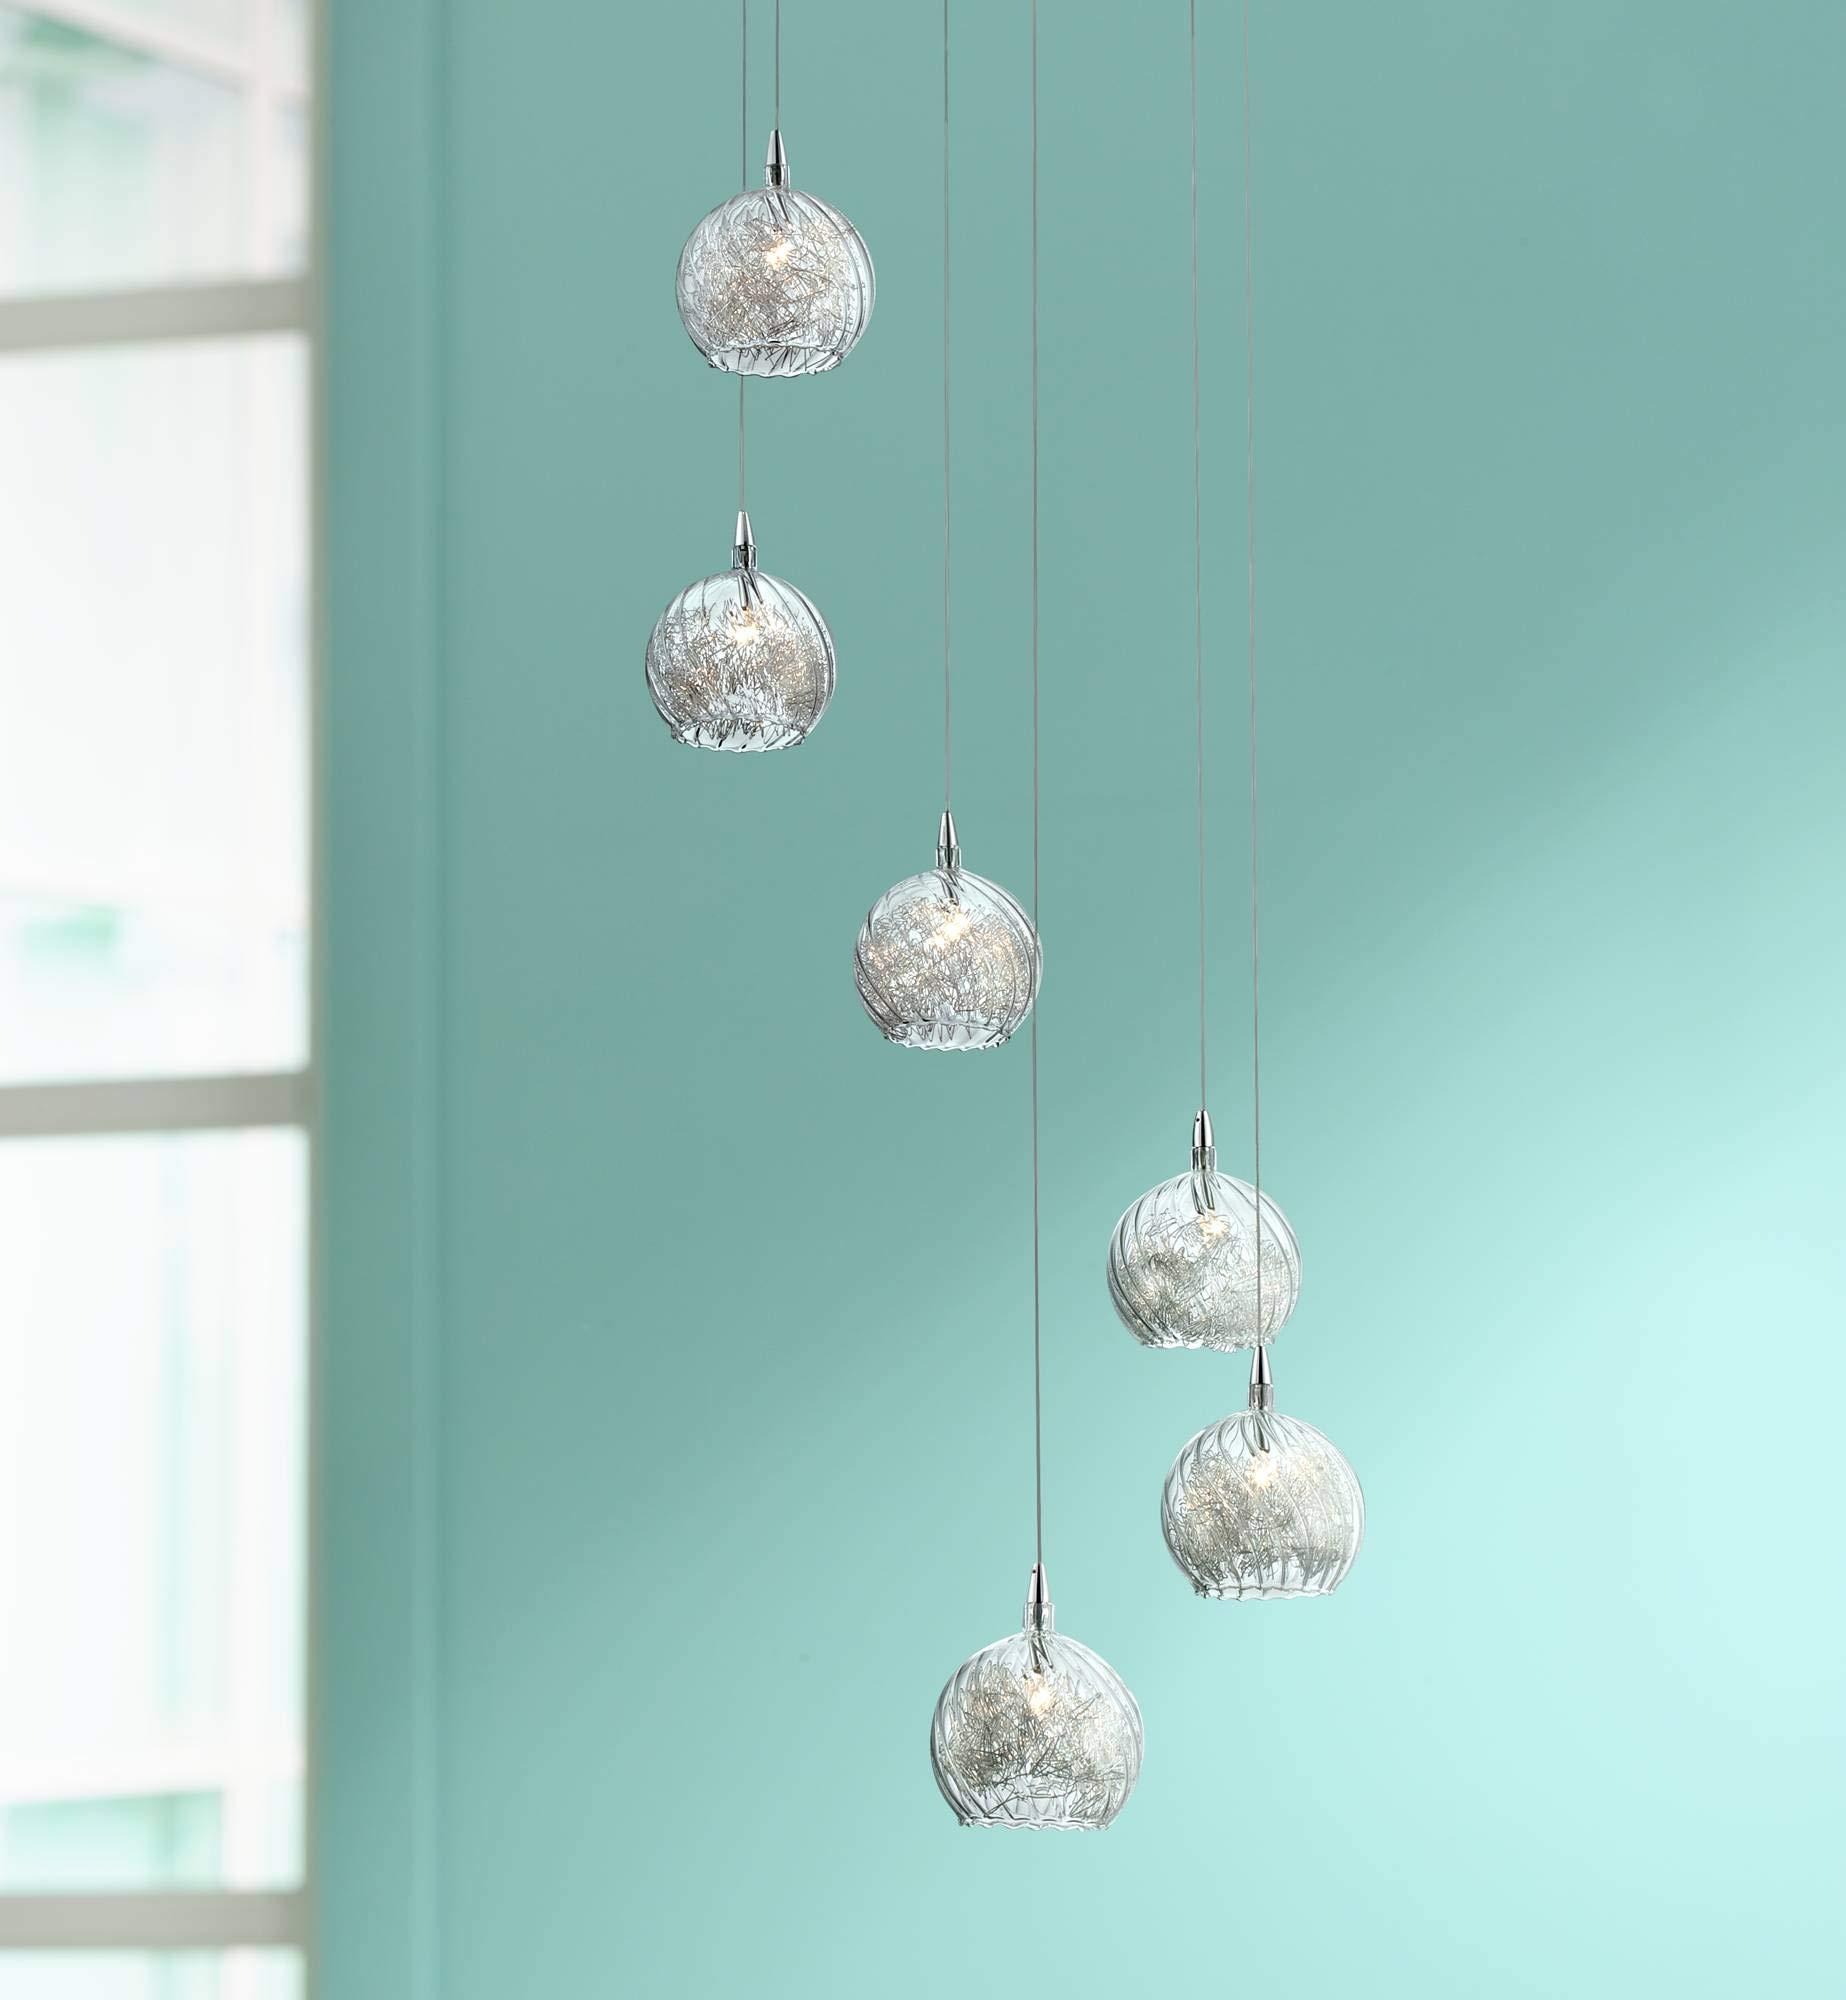 Possini Euro Design Wired 18'' Wide Glass Multi Light Pendant - Possini Euro Design